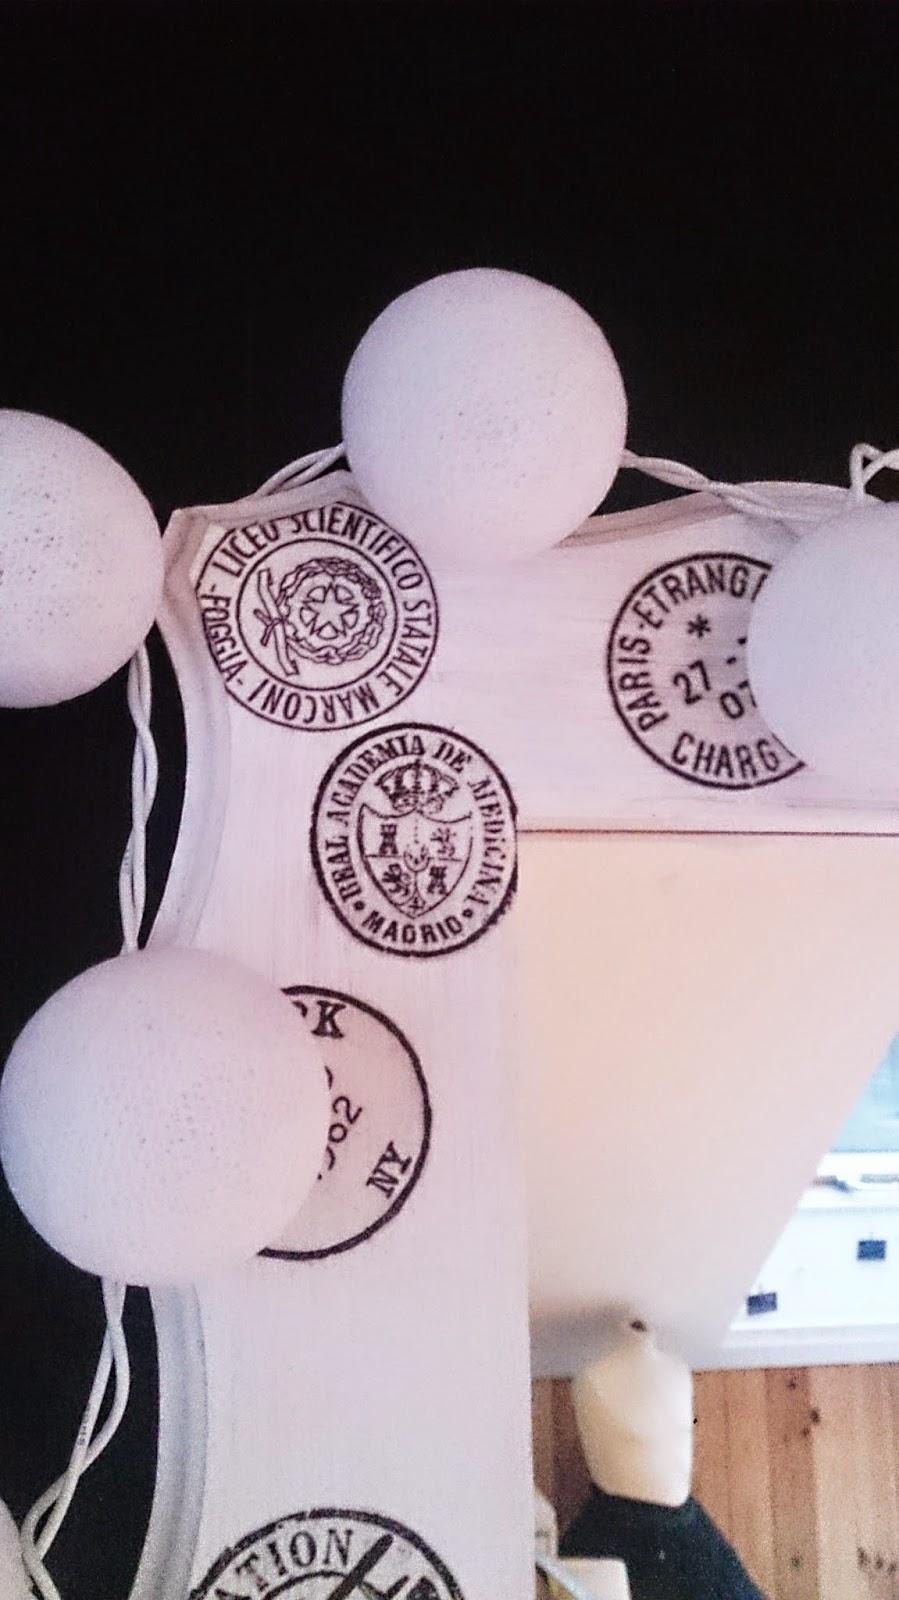 białe cotton balls lights,jak zrobć cotton ball light,biało czarne wnętrze,inspiracje b&w,rama lustra biała,blog diy,majstrkowanie,krok po kroku,inspiracje